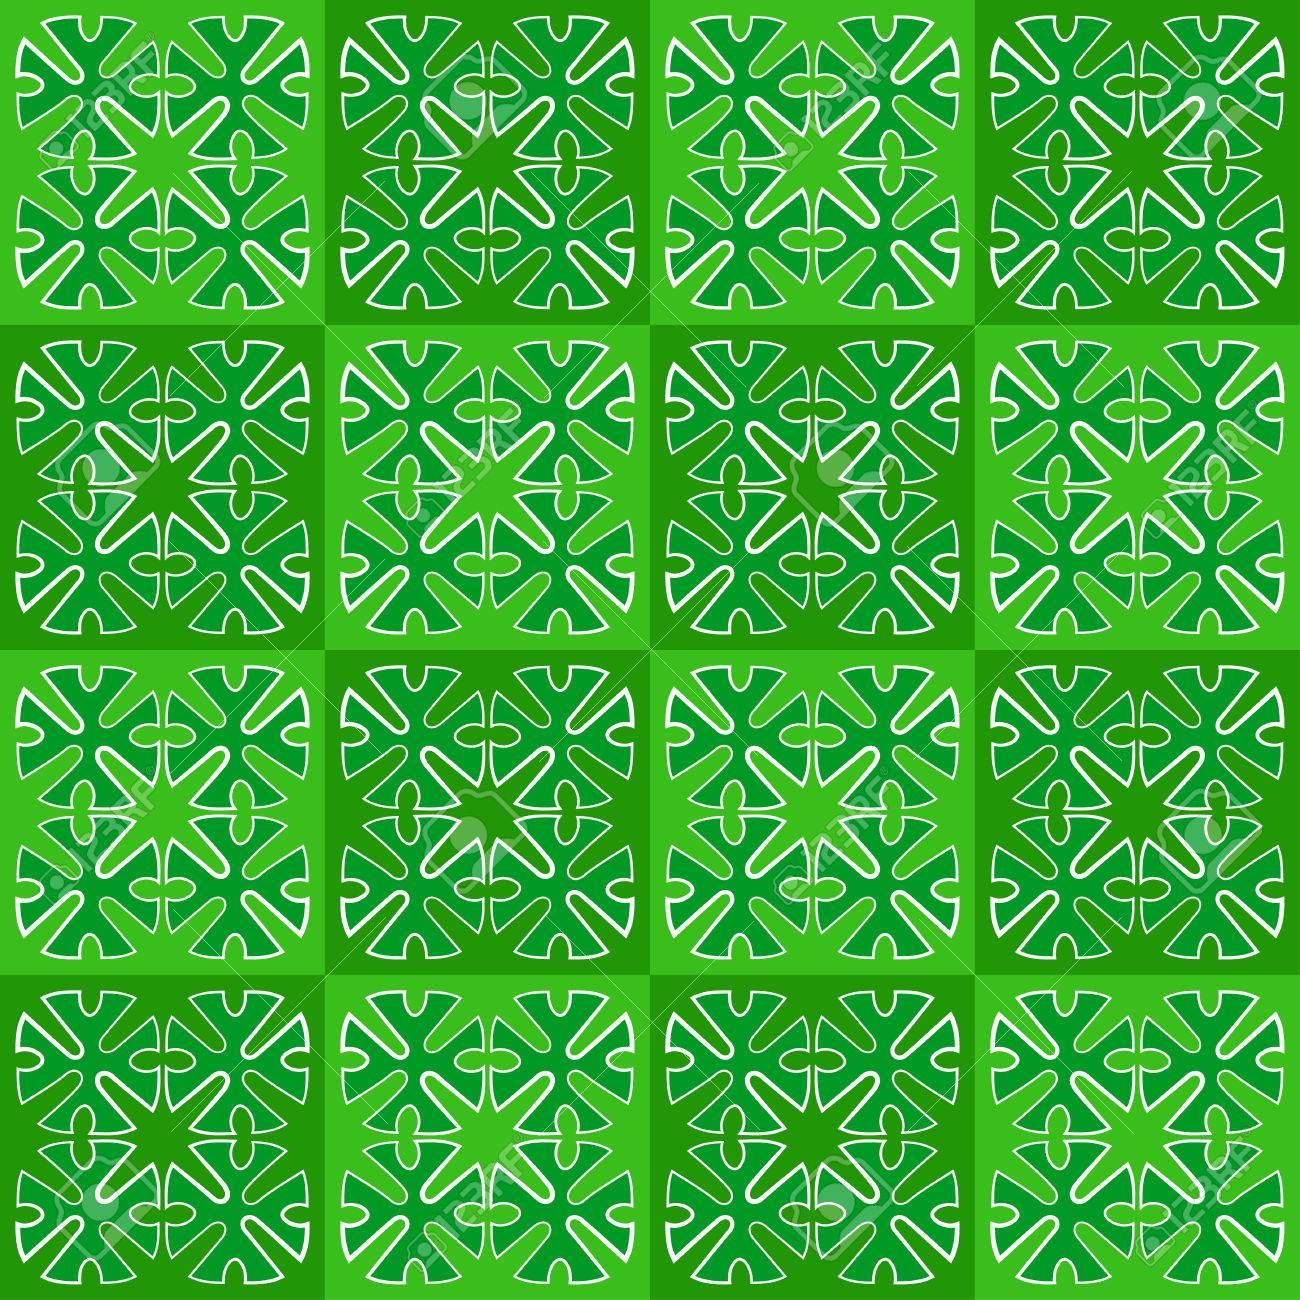 vector repitiendo el fondo de azulejos los cuadros verdes con ornamentos sin costura foto